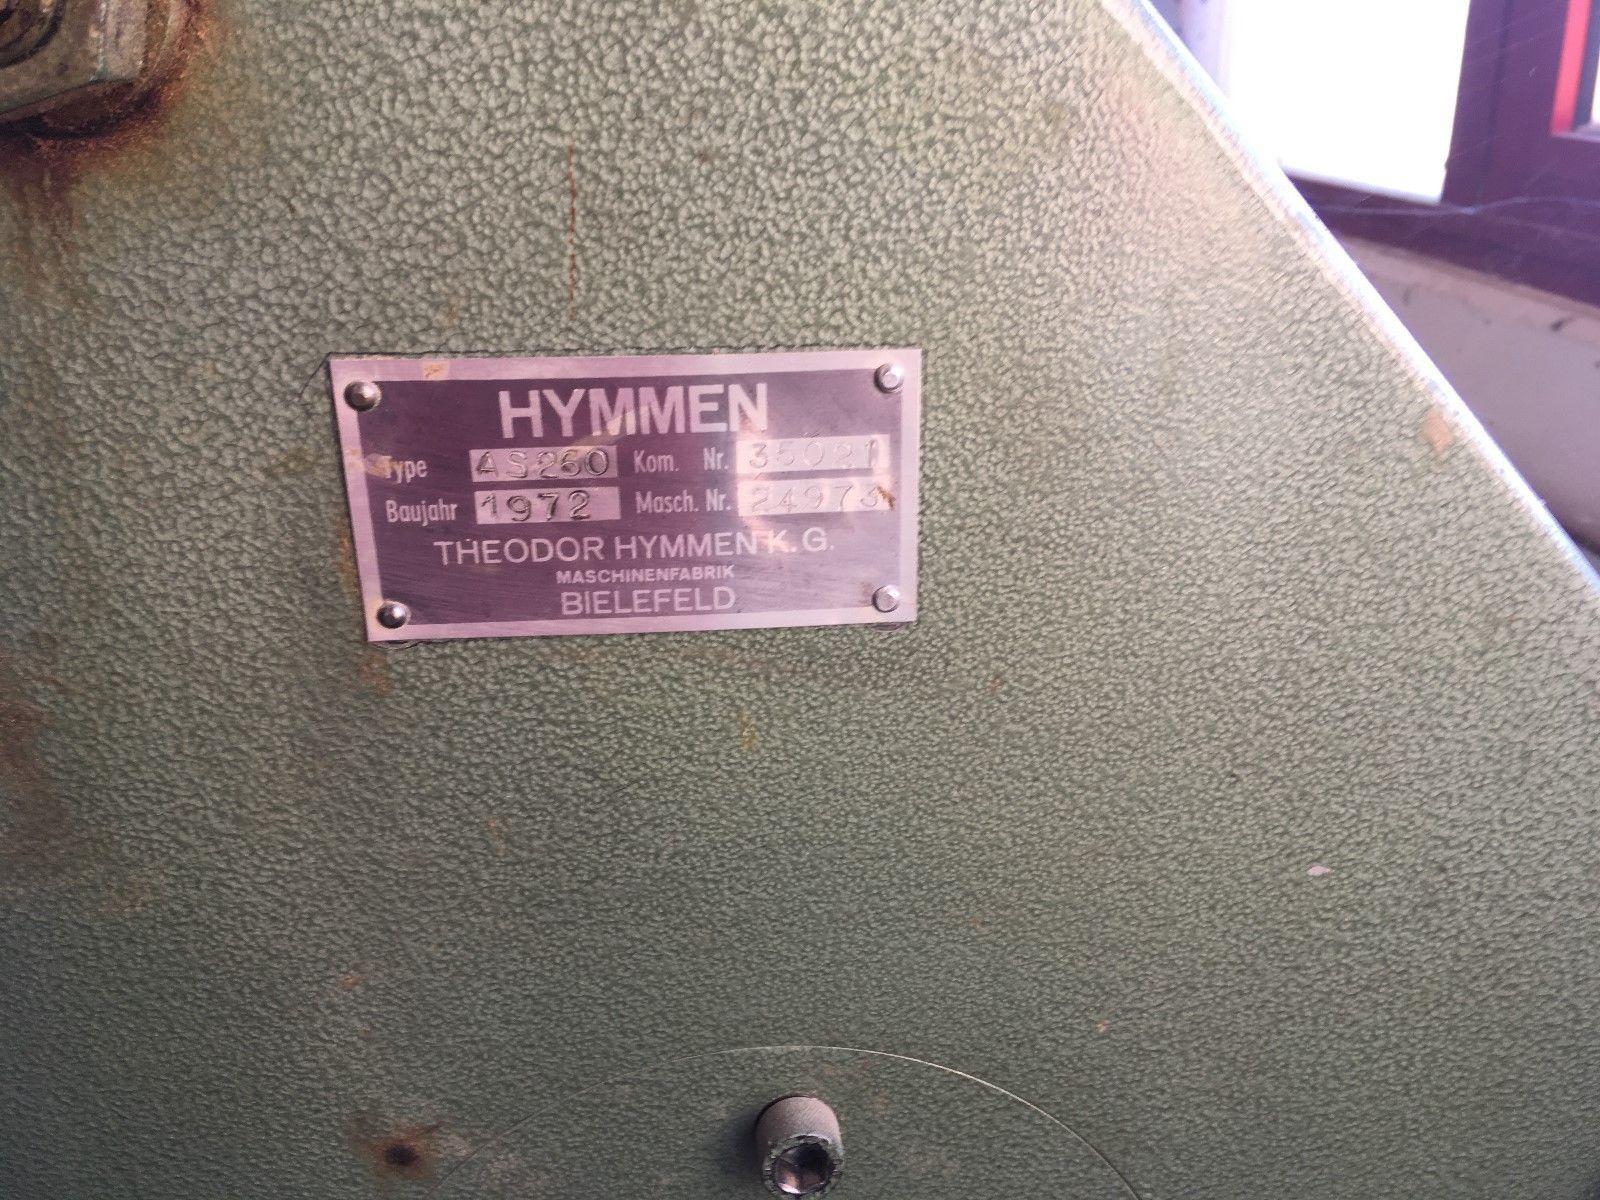 Hymmen As 260 Baujahr 1972